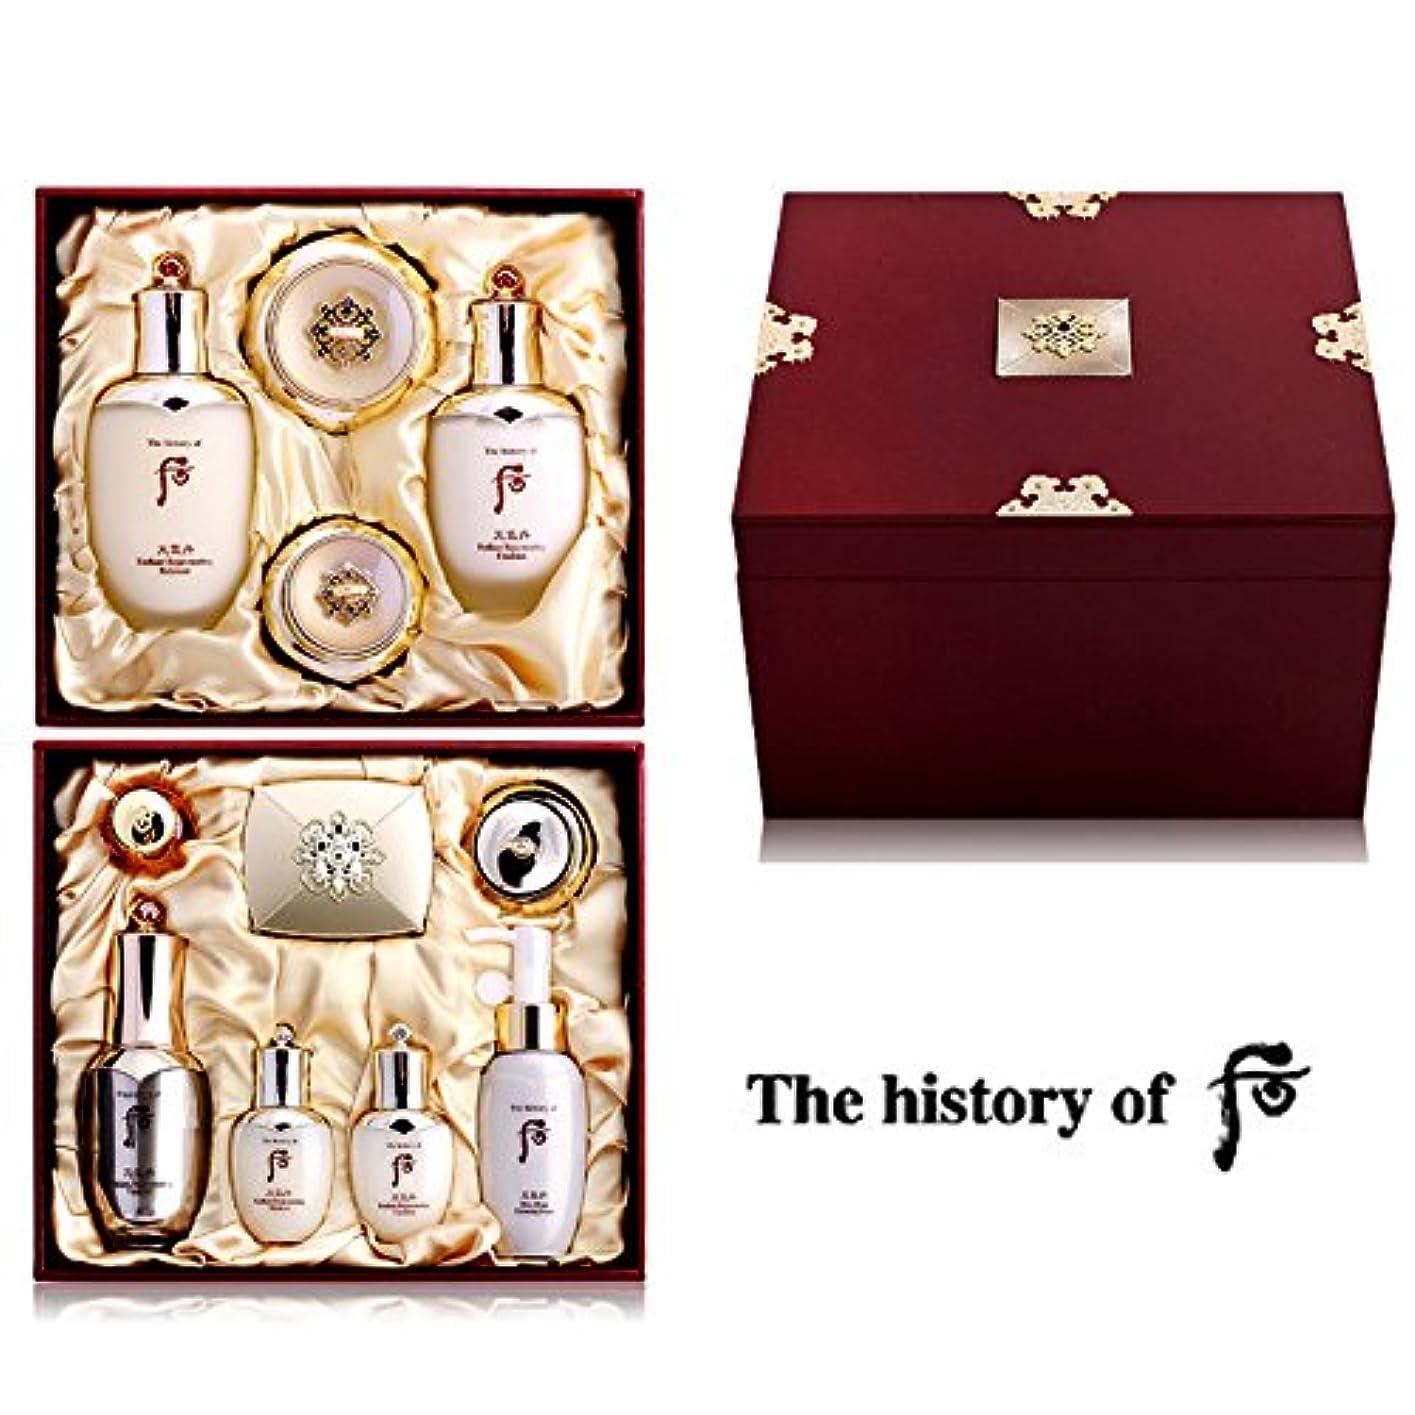 追跡寛容シロナガスクジラ【フー/The history of whoo] 天気丹 王侯(チョンギダン ワンフ) セット/Chonghi Dan Queen Special Set+[Sample Gift](海外直送品)